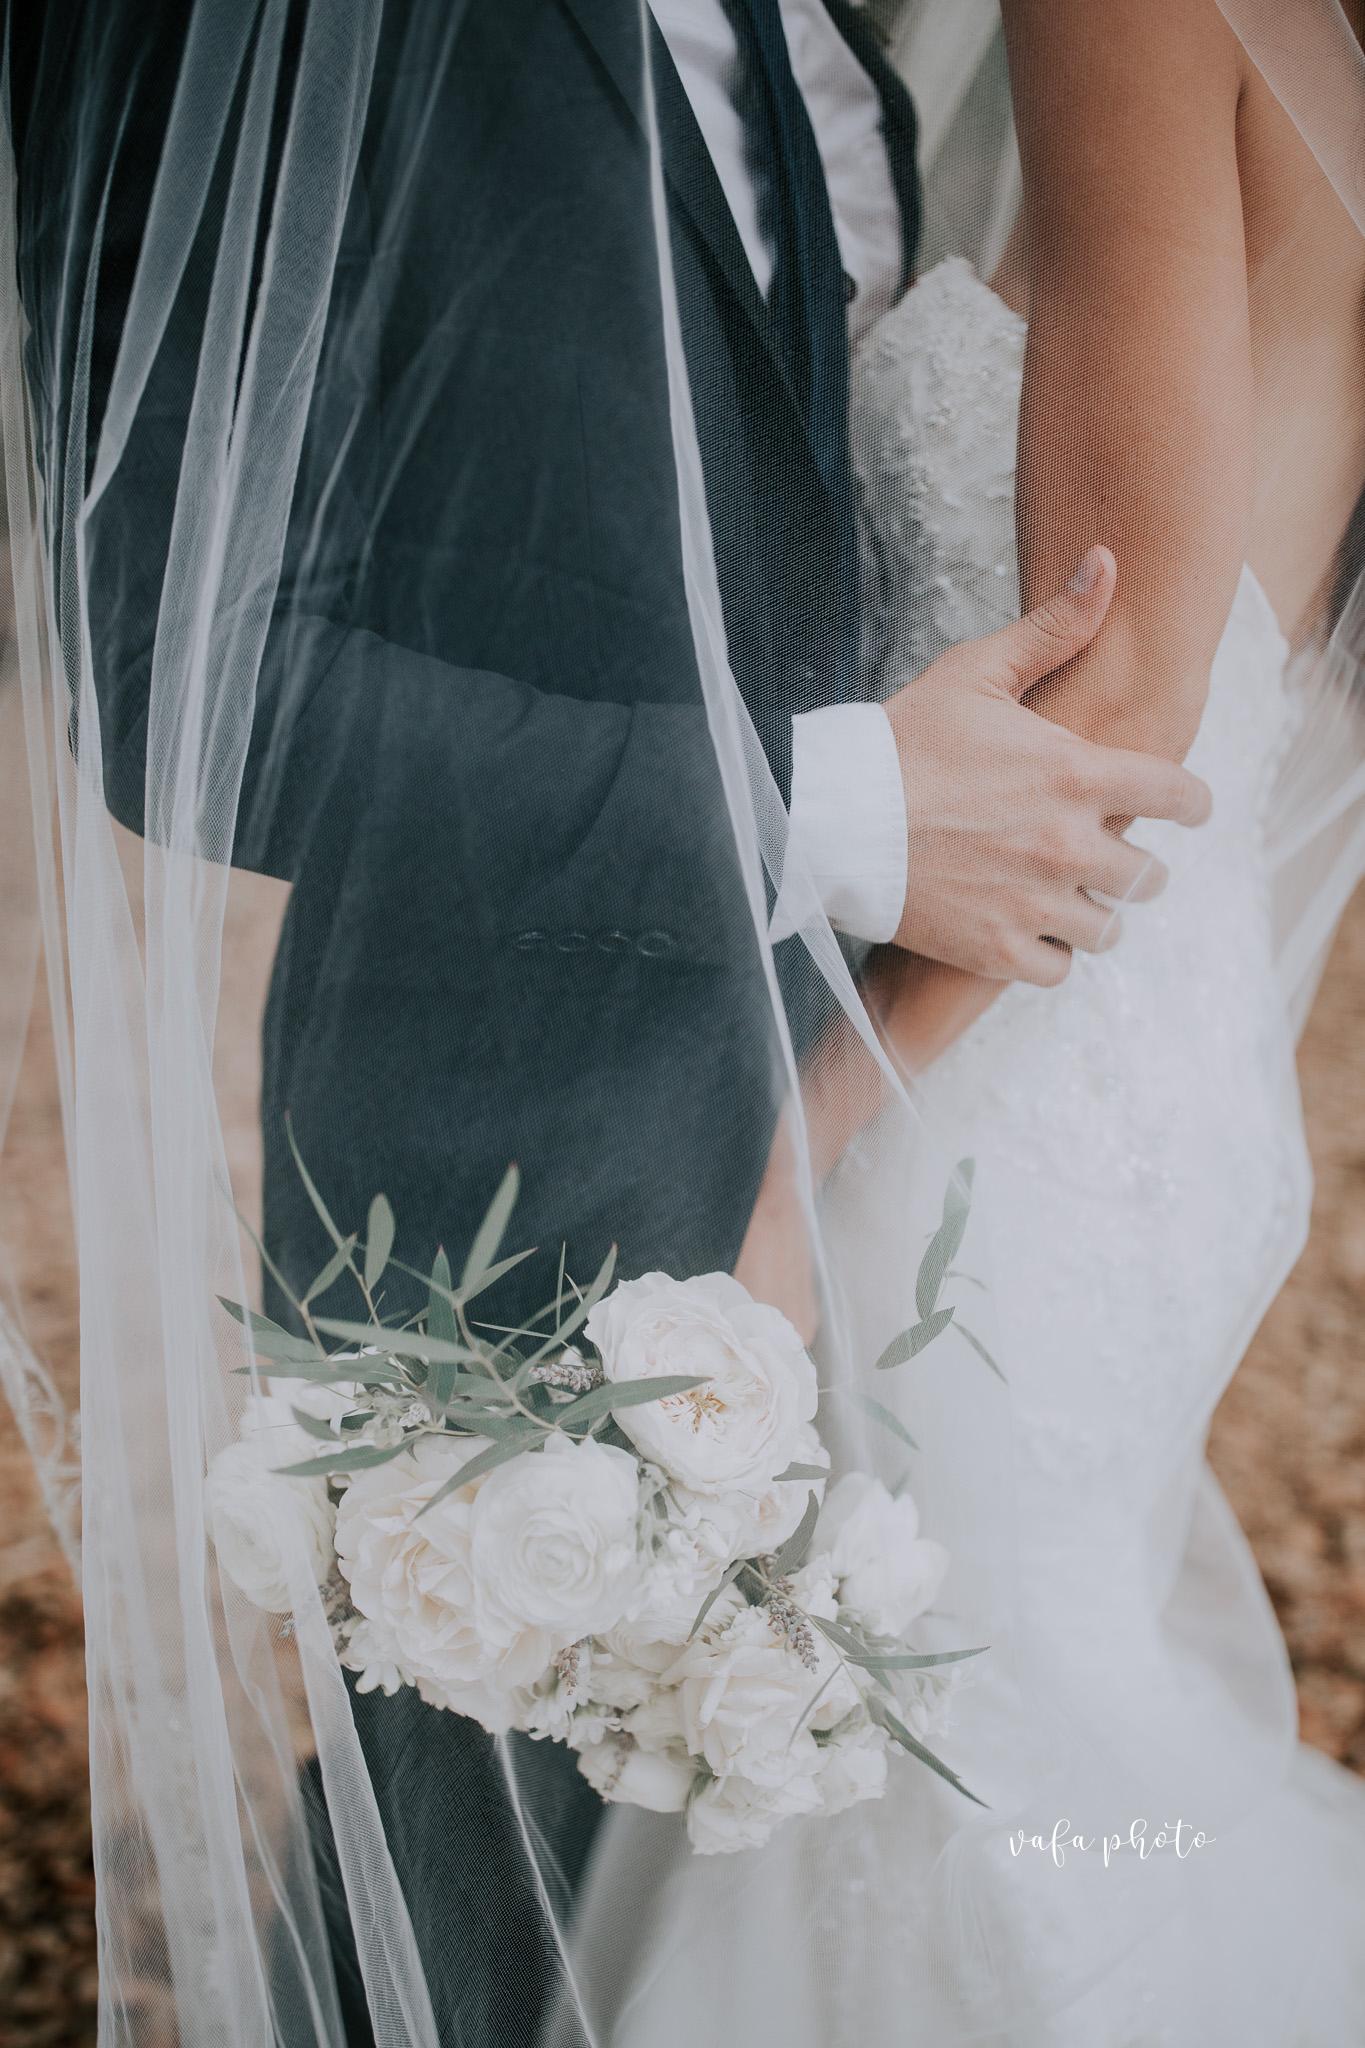 Southern-California-Wedding-Britt-Nilsson-Jeremy-Byrne-Vafa-Photo-579.jpg